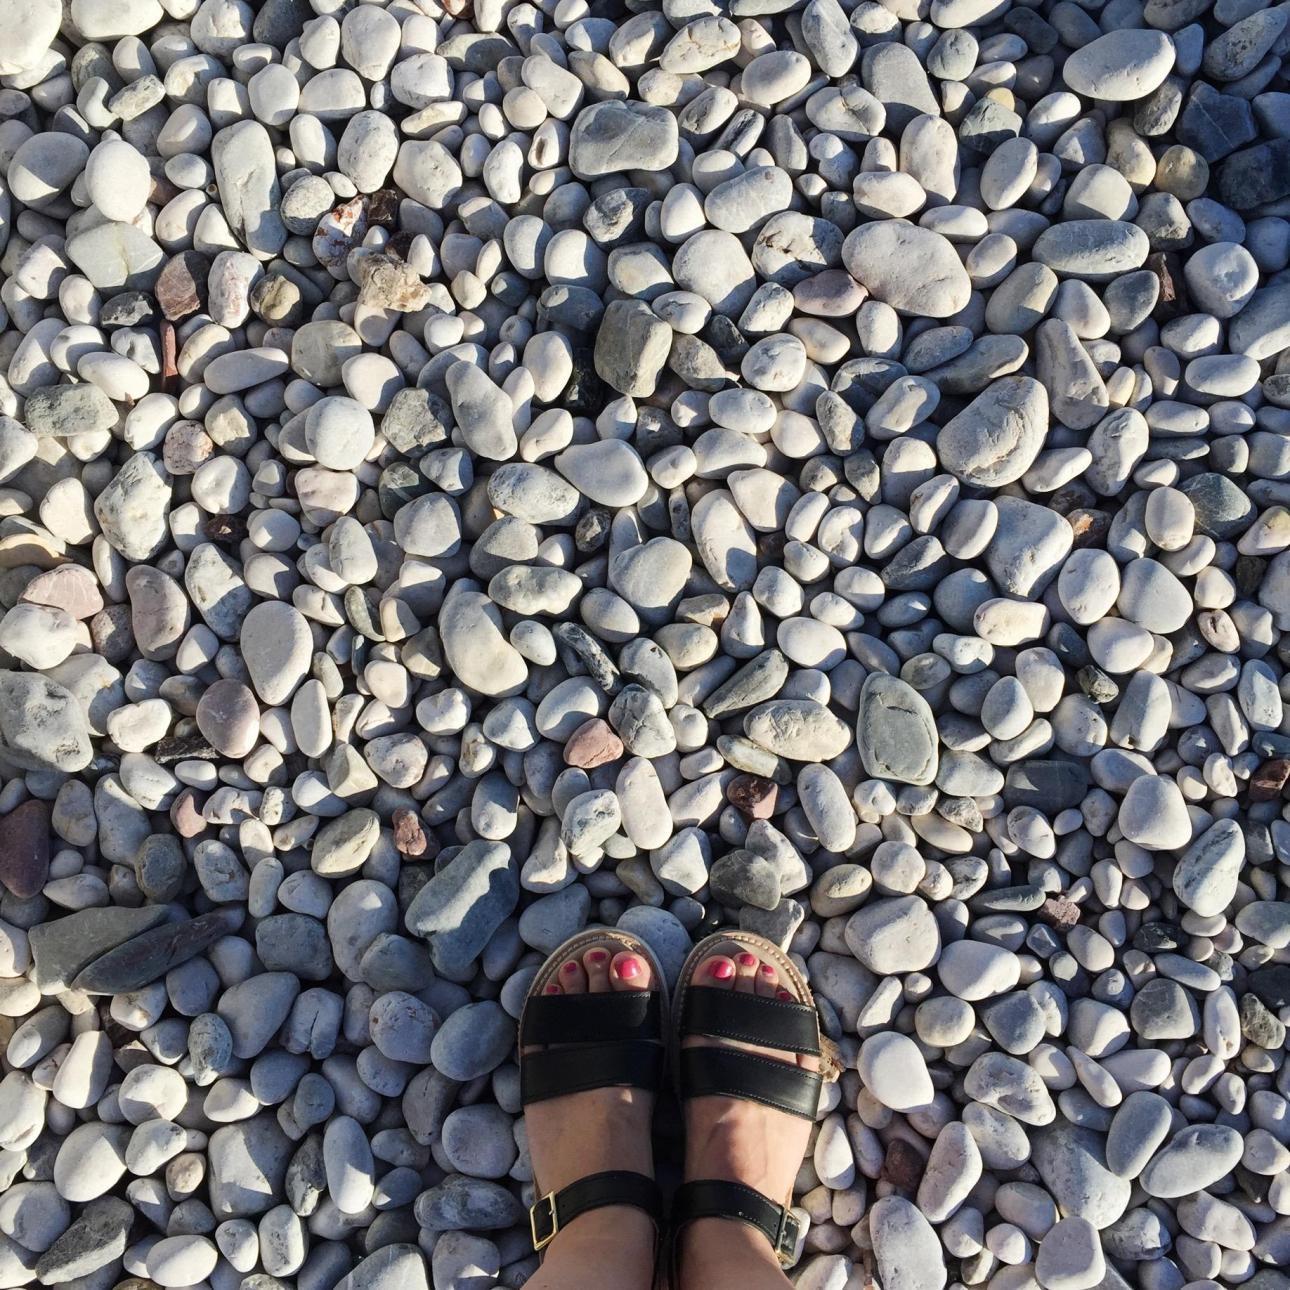 De fleste strande i Kroatien og Montenegro er stenstrande. Så husk sandaler eller revsko!